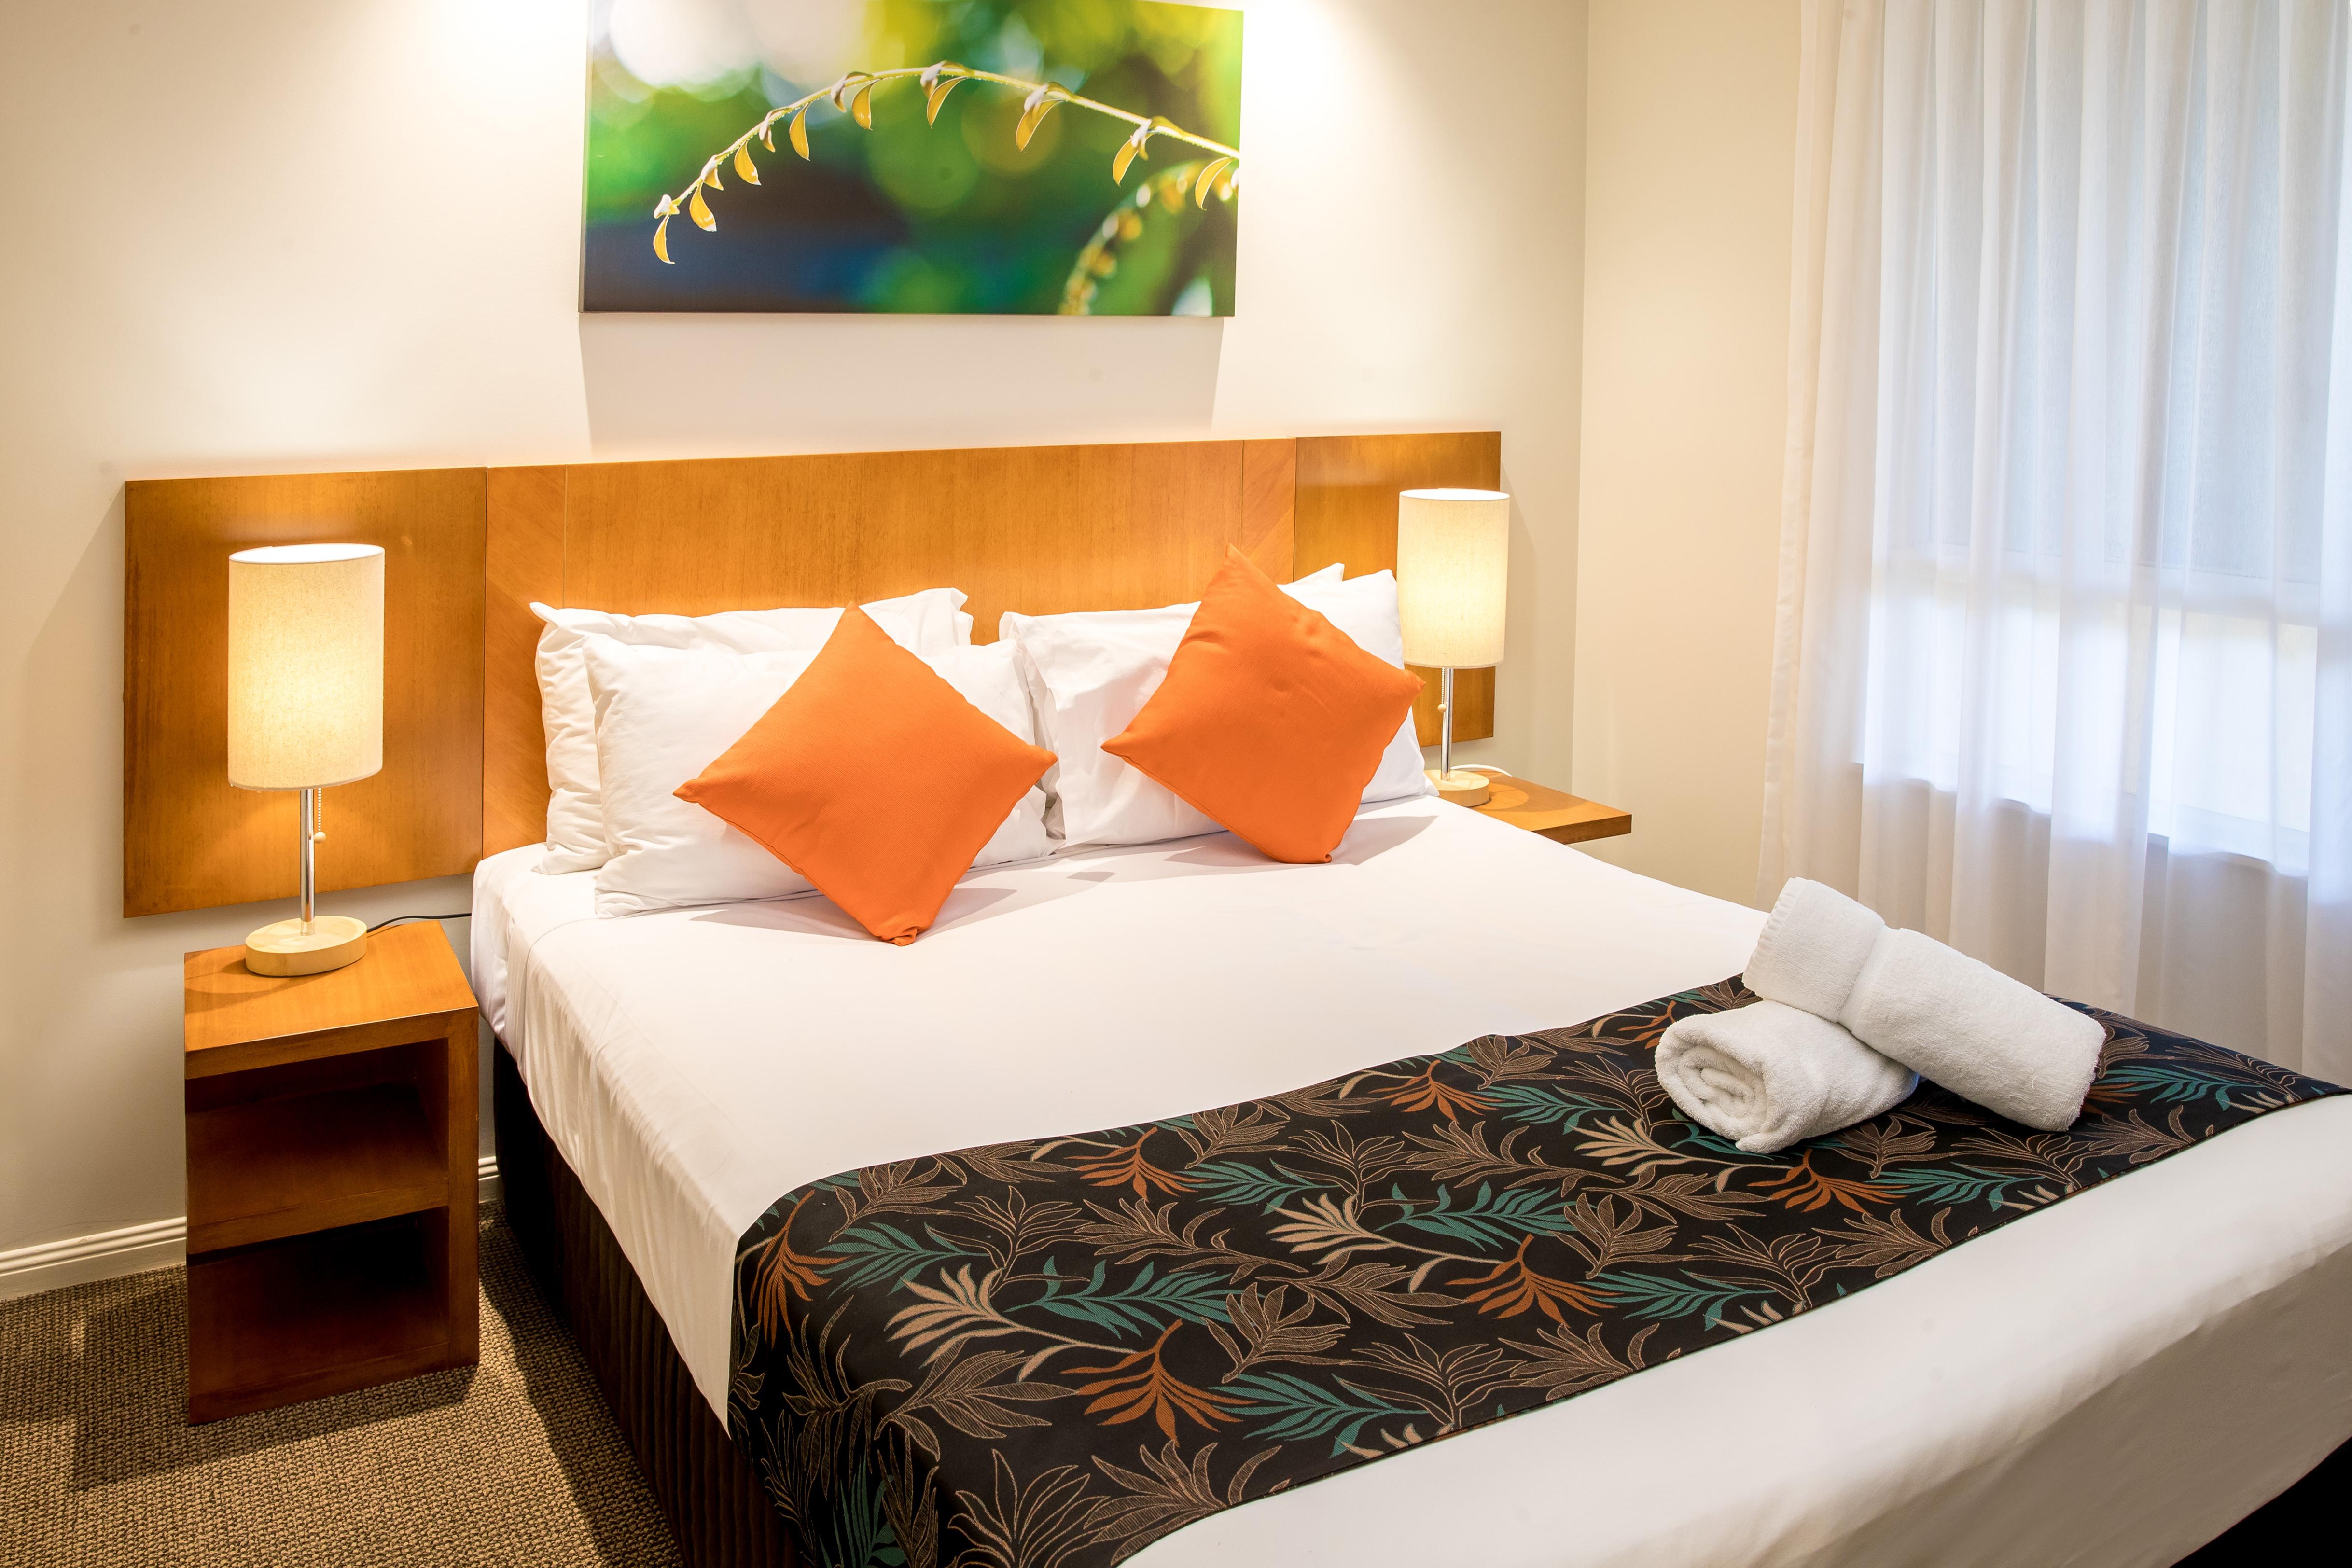 2 Bedroom - Room 1